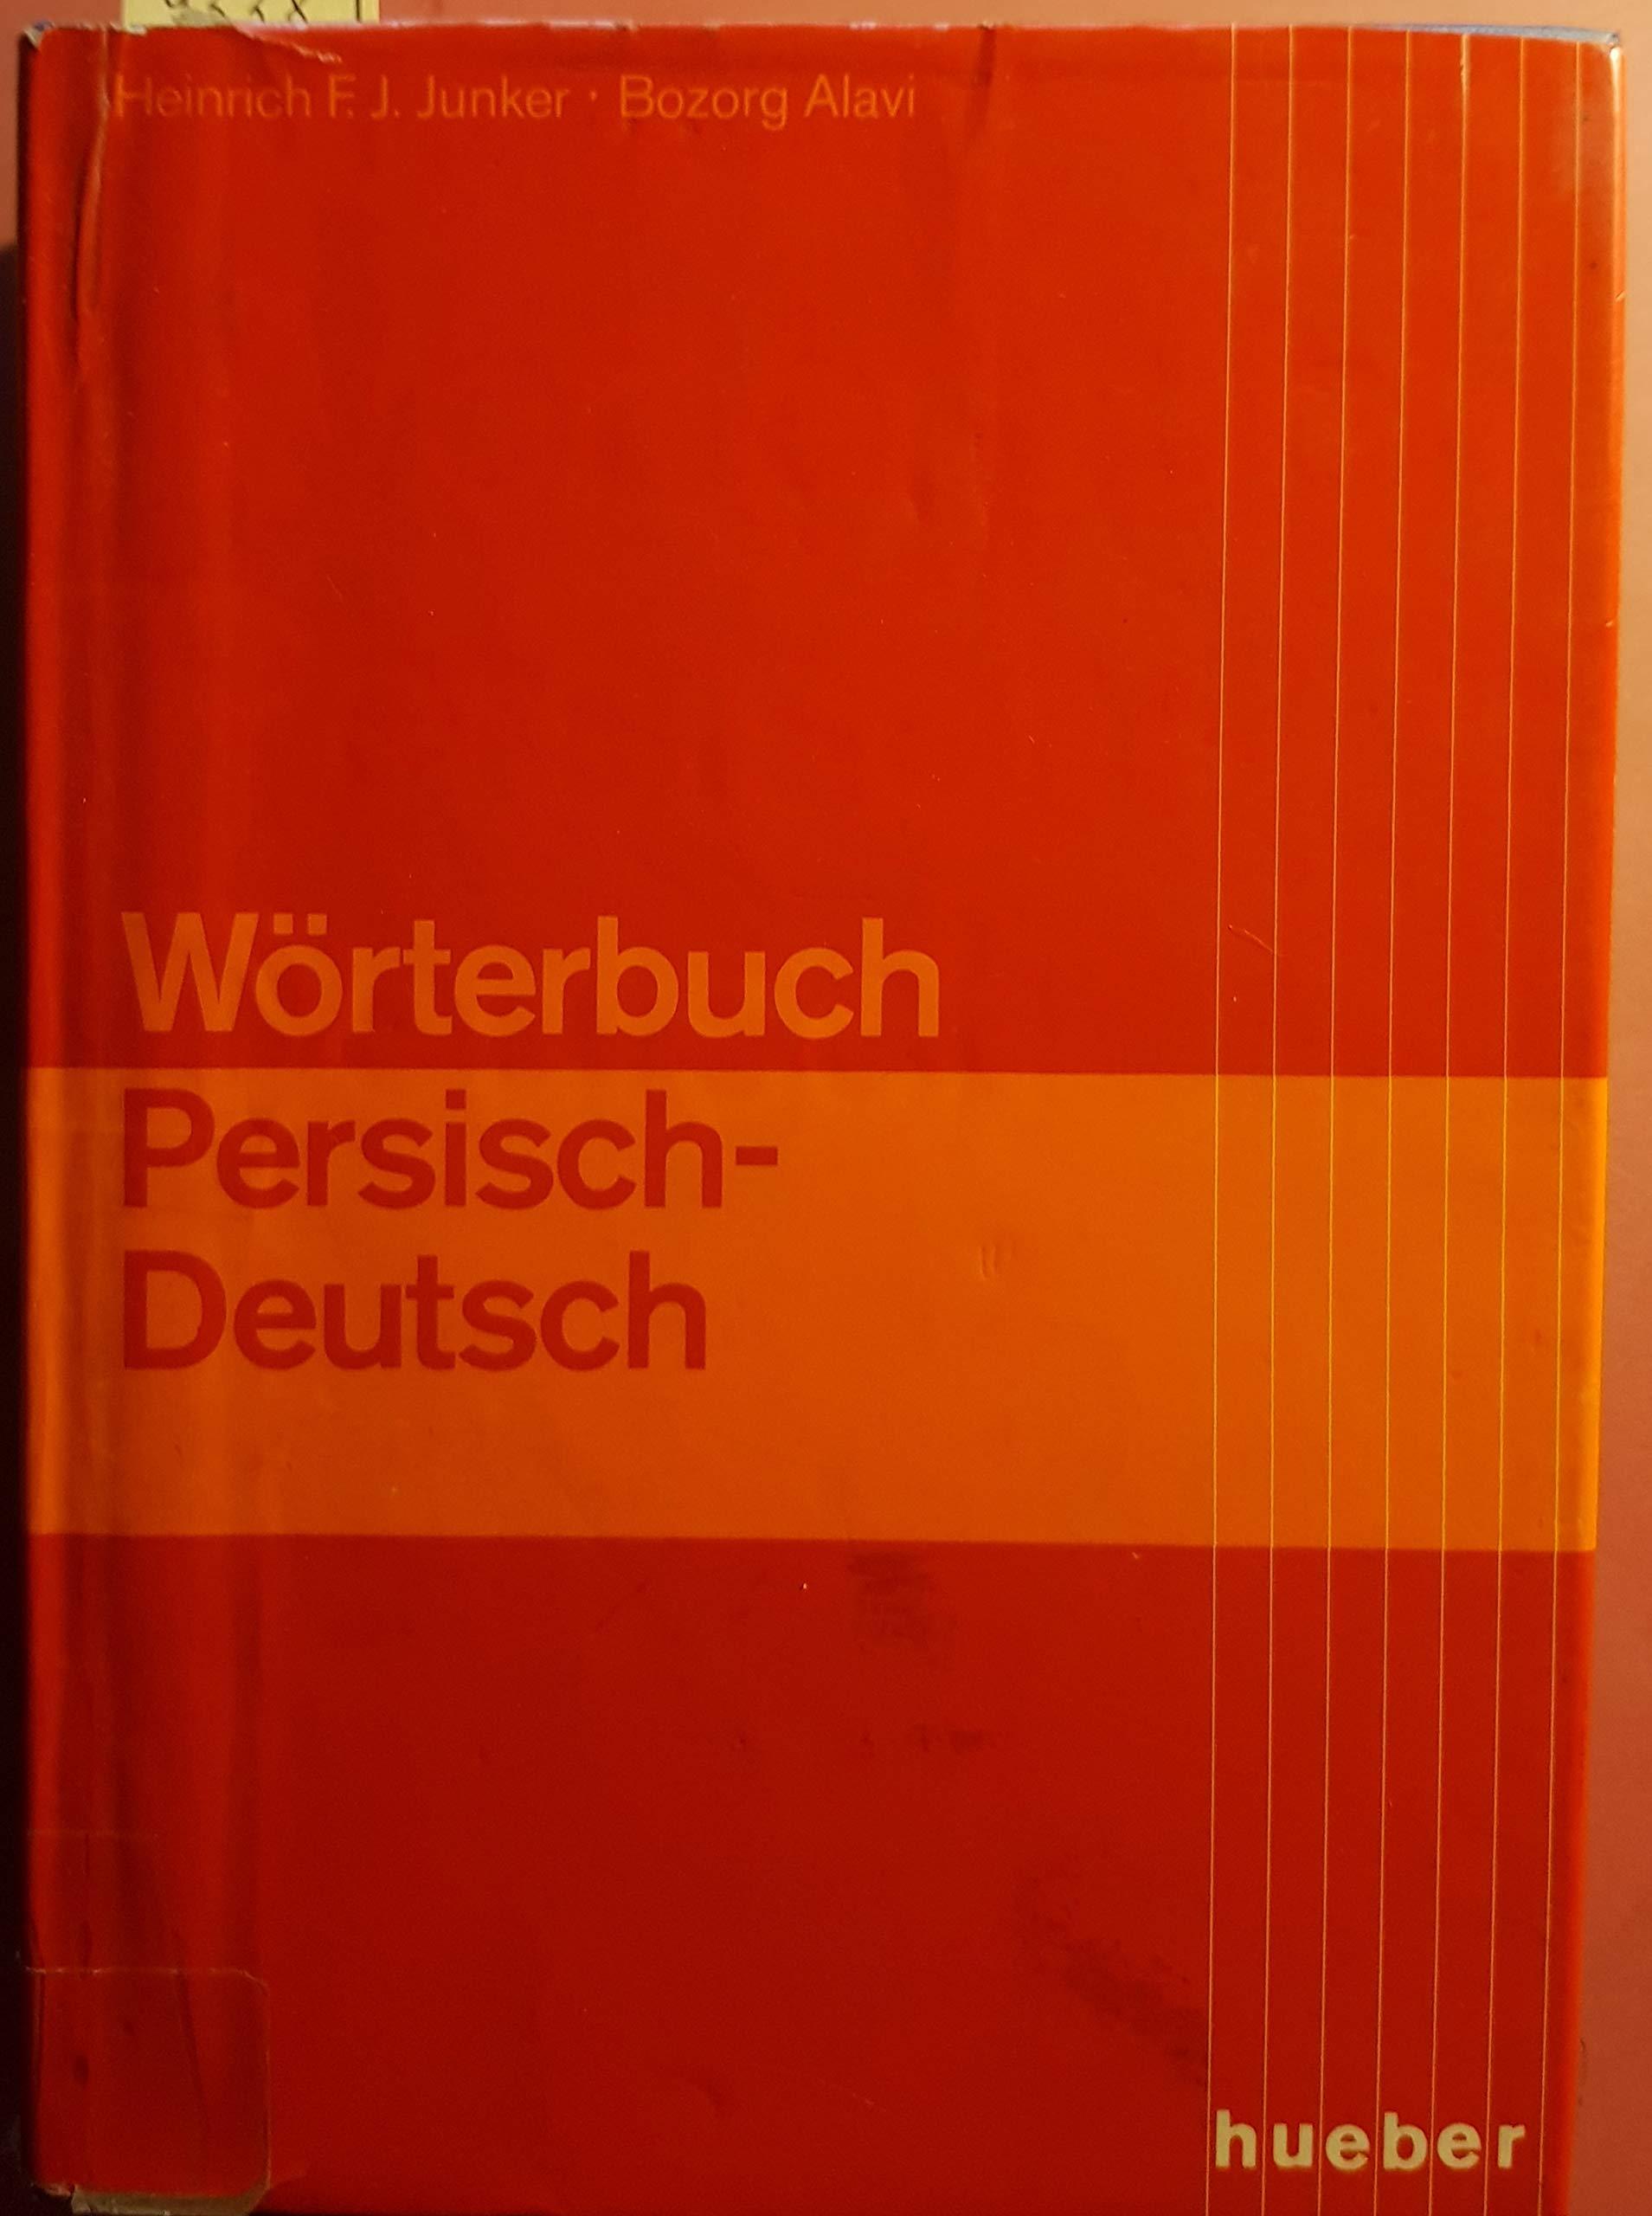 Wörterbuch Persisch   Deutsch